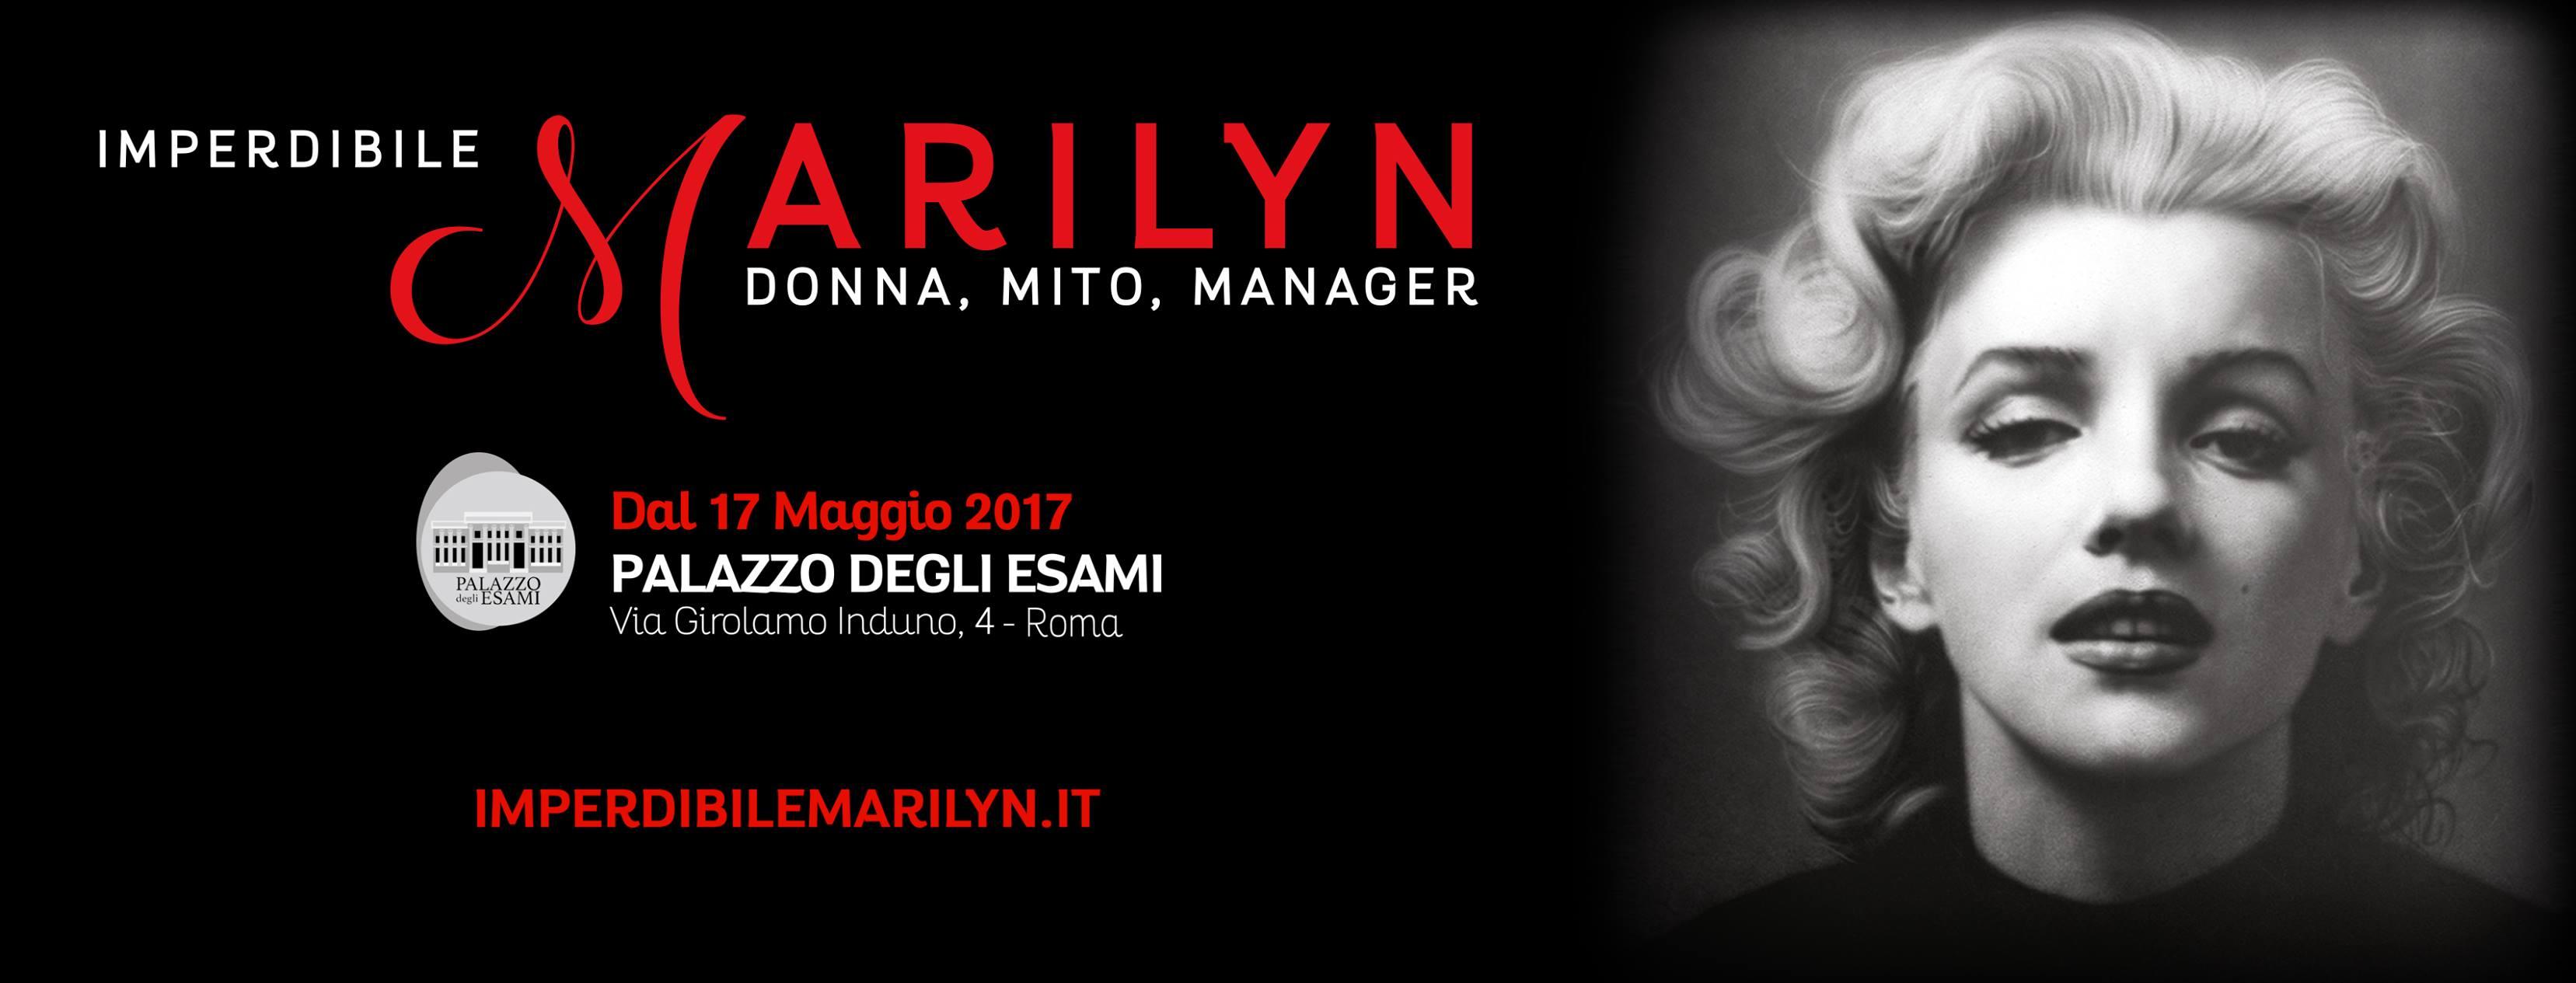 Incredibile Marilyn - Palazzo degli Esami